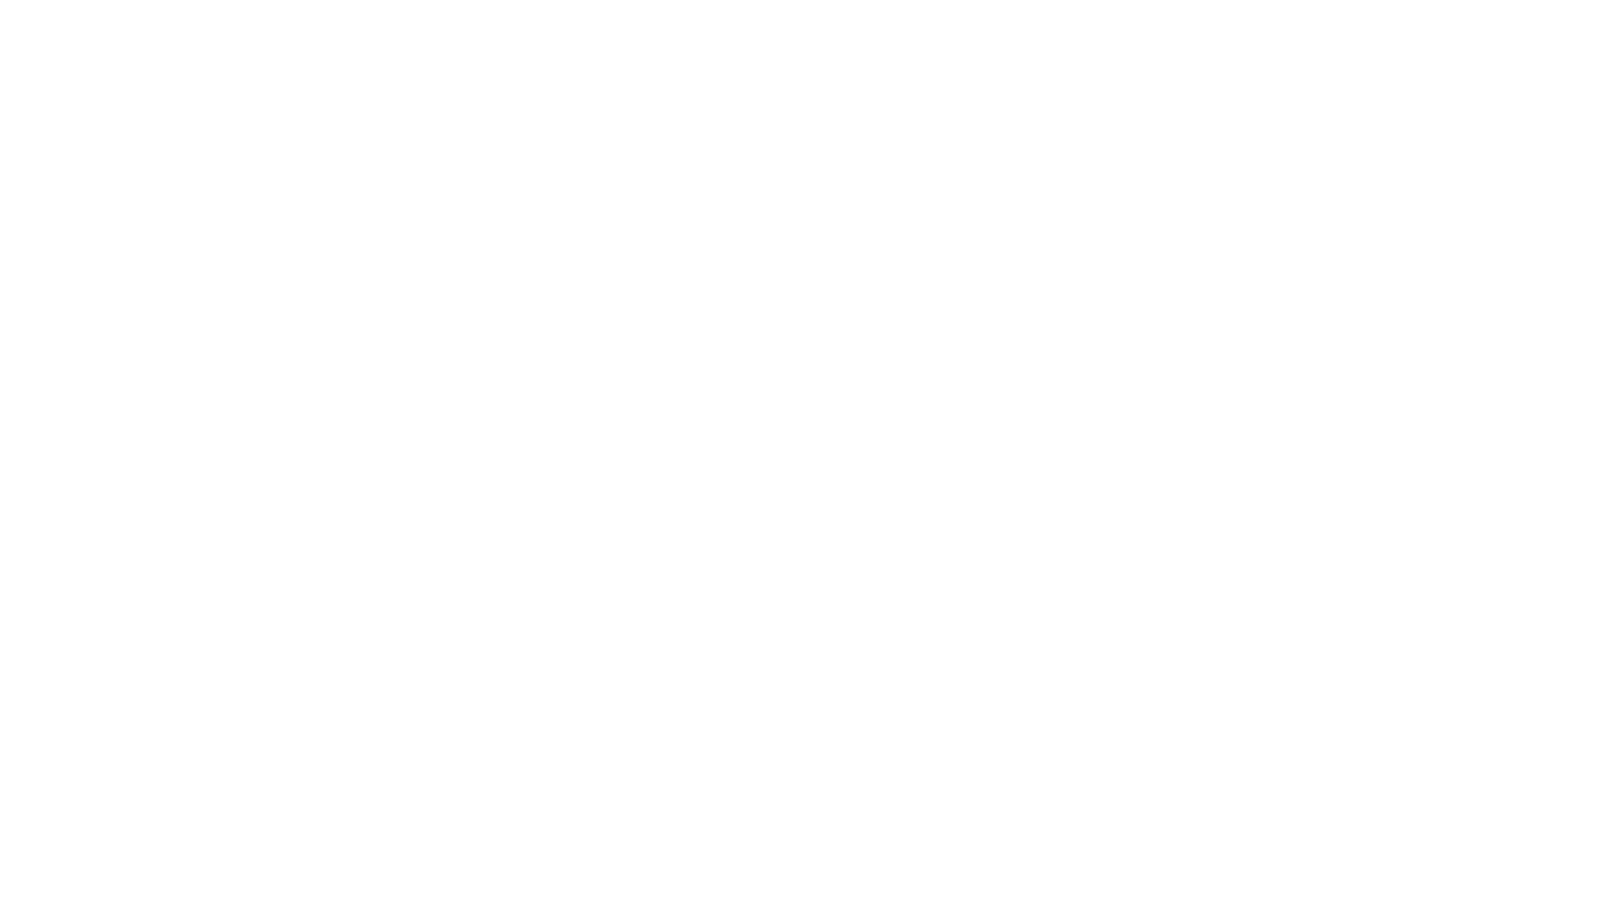 """🎥 Borja Corominas, portavoz del PP en el Ayuntamiento de San Sebastián, echa en cara al gobierno del PNV/PSE que """"sólo tienen en mente una variable para mejorar el servicio público, subir los impuestos y las tasas a los donostiarras"""""""